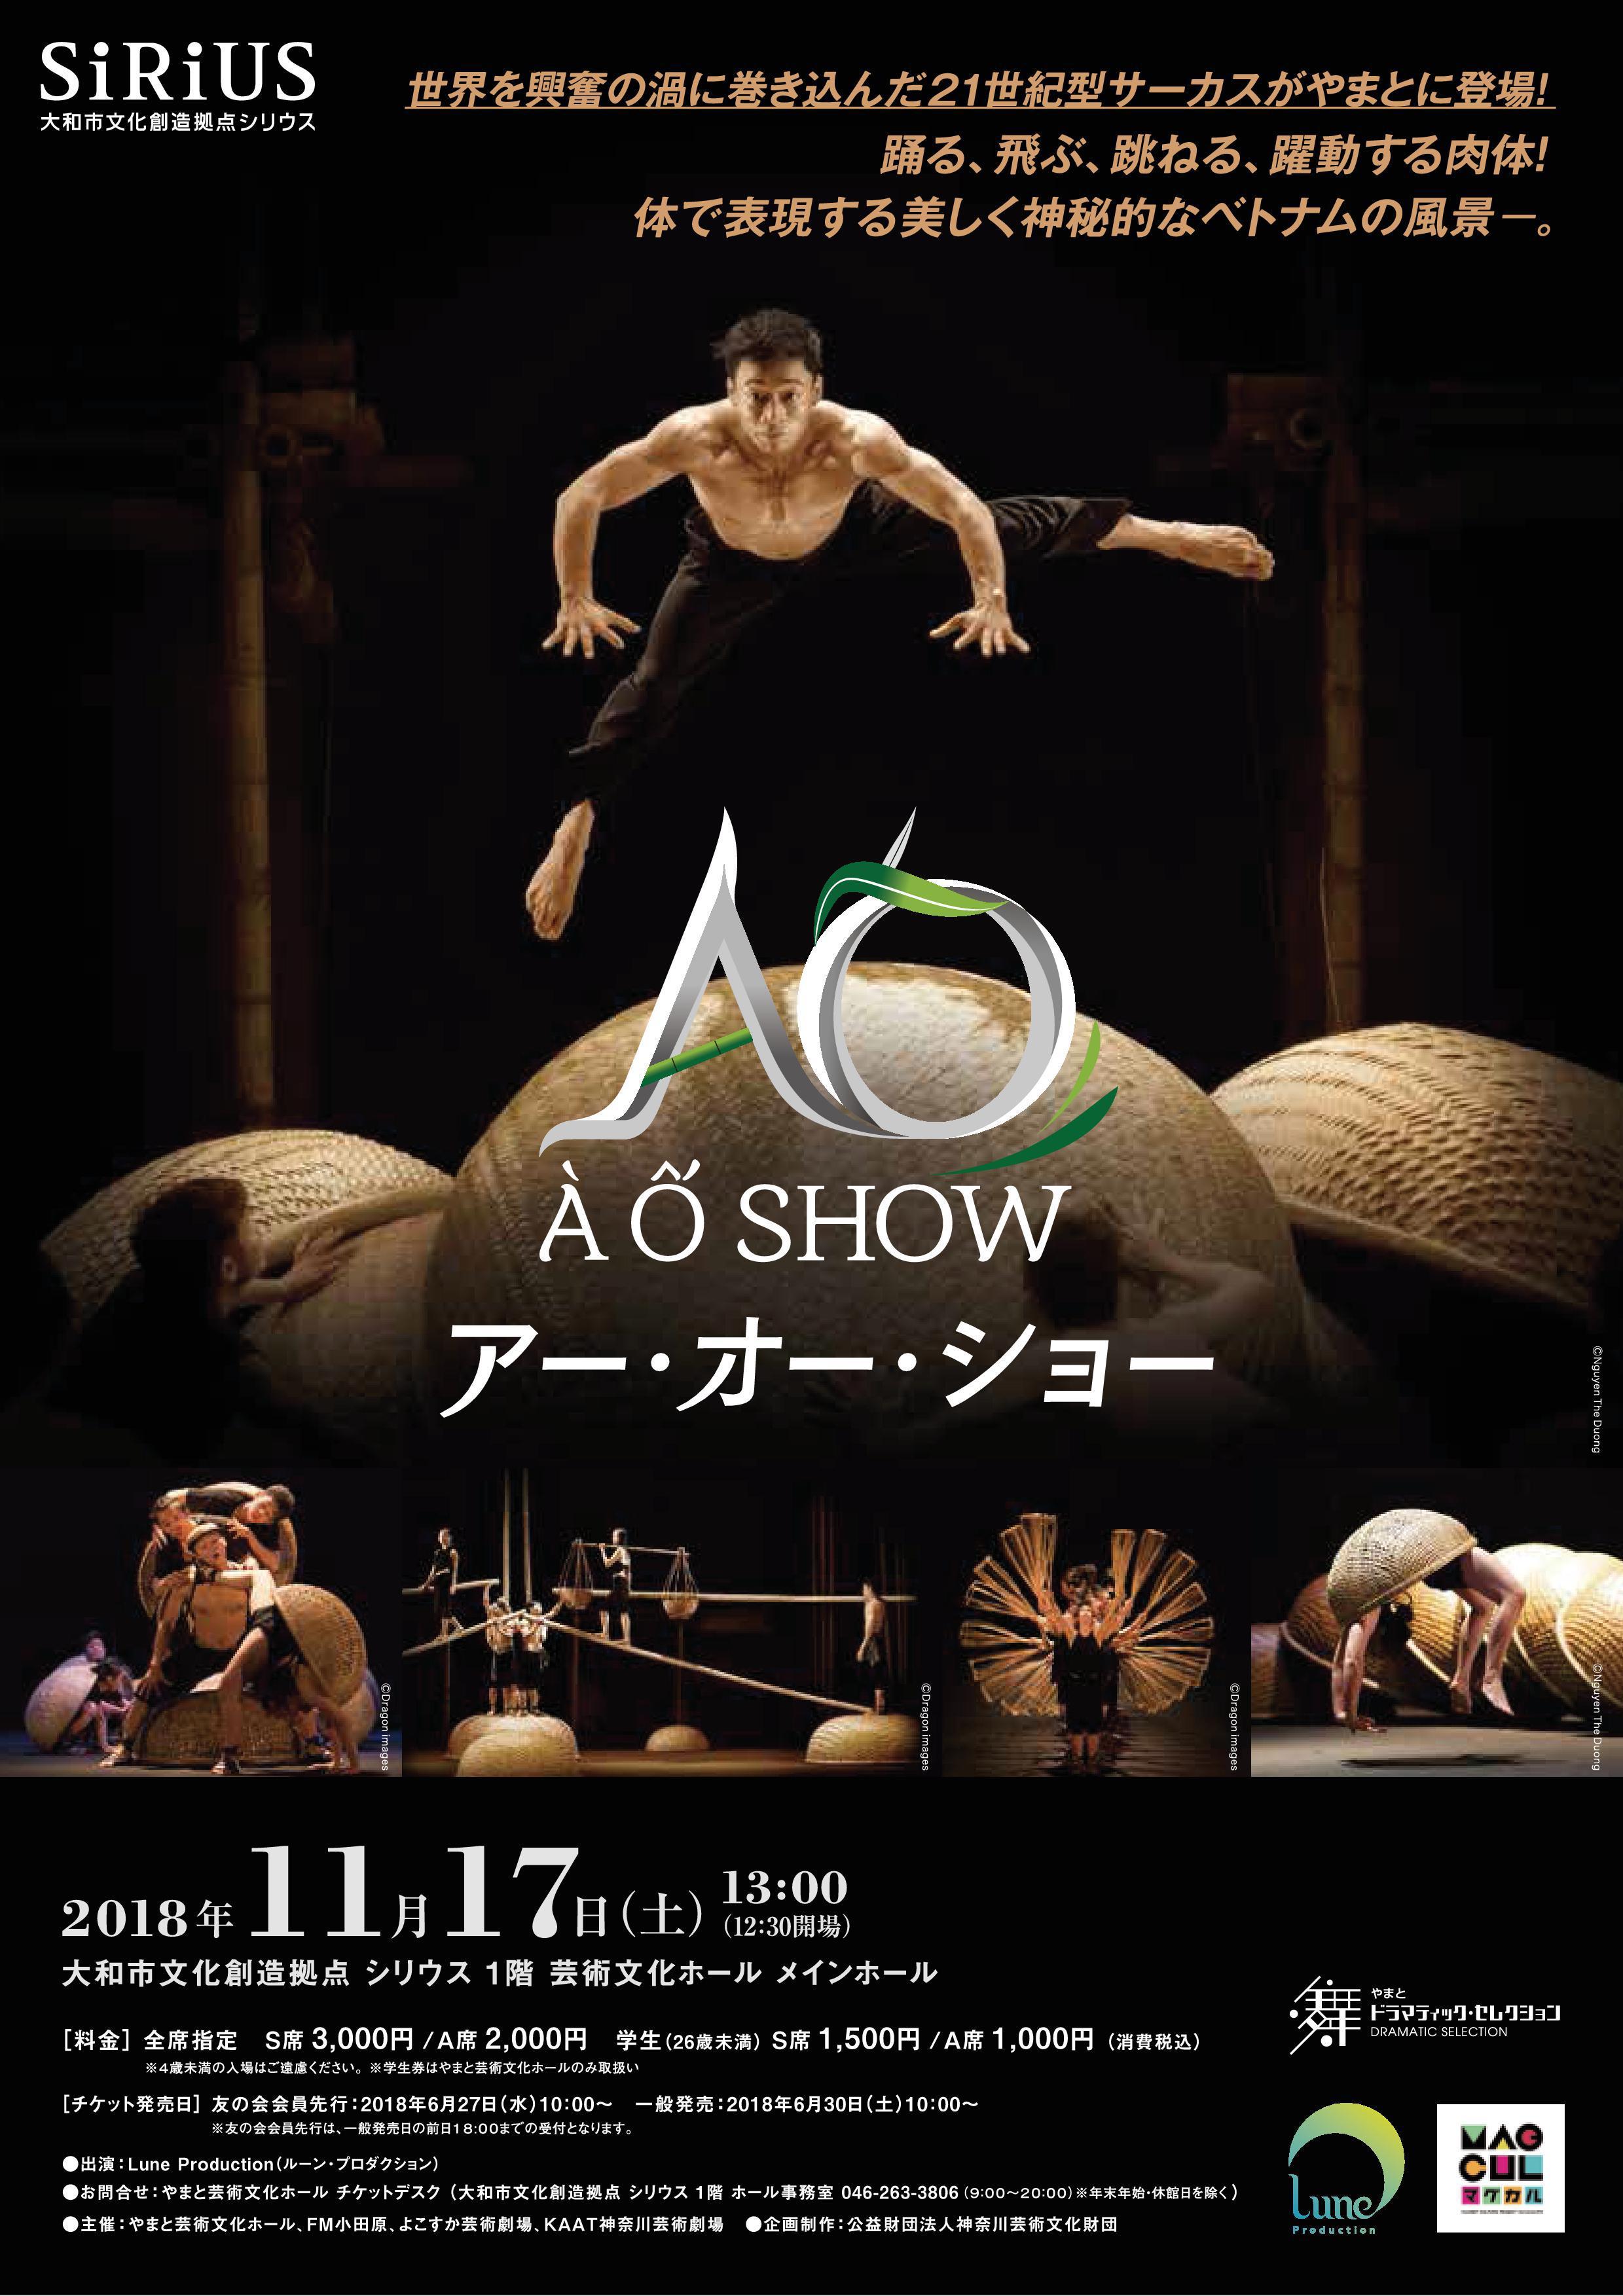 A O SHOW(アー・オー・ショー)